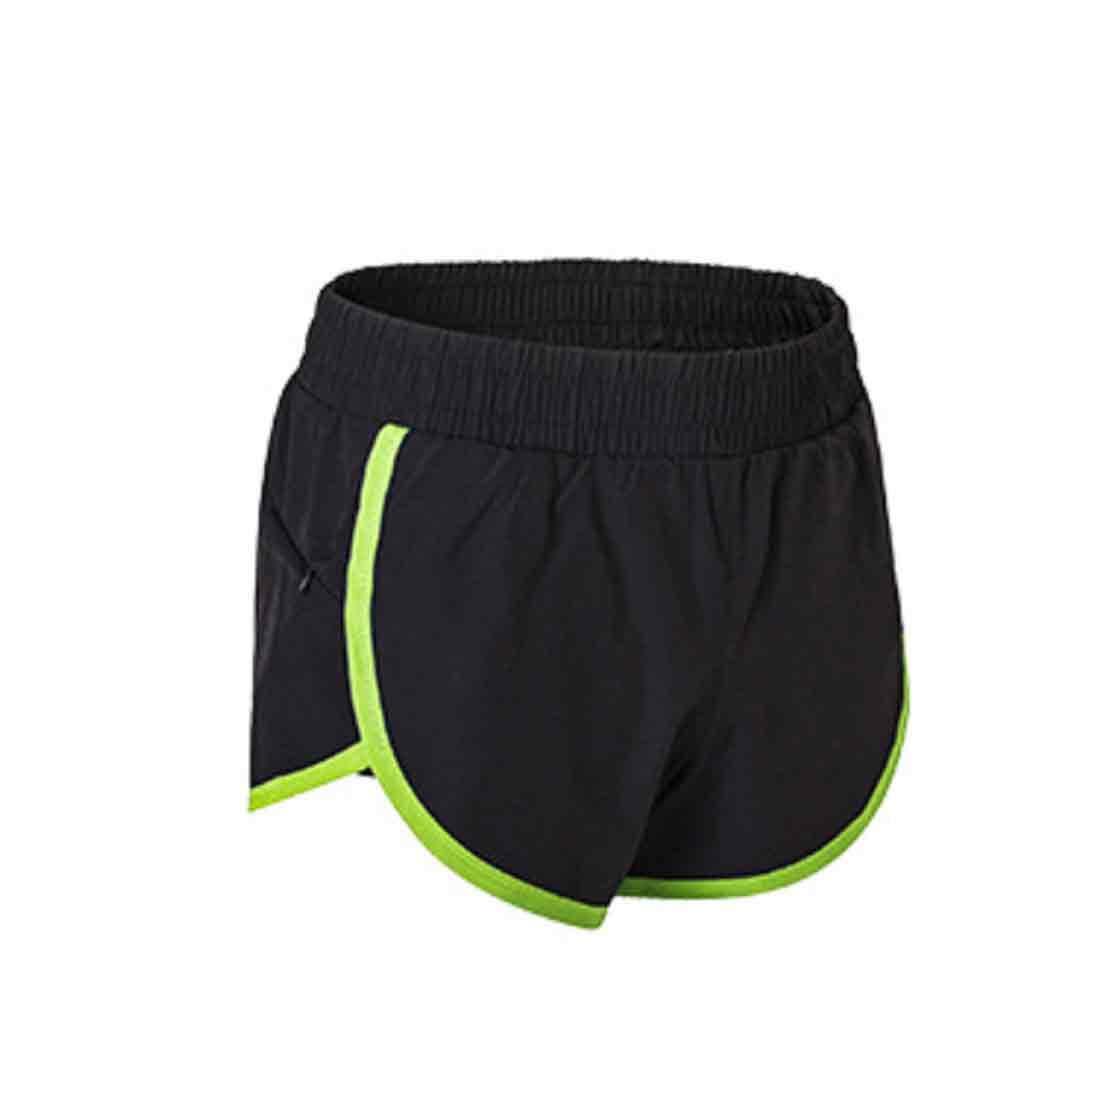 IOSHAPO Damen Fitness und Trainieren Mini Shorts Yoga Kurze Sporthose Mit Rei/ßverschluss Taschen